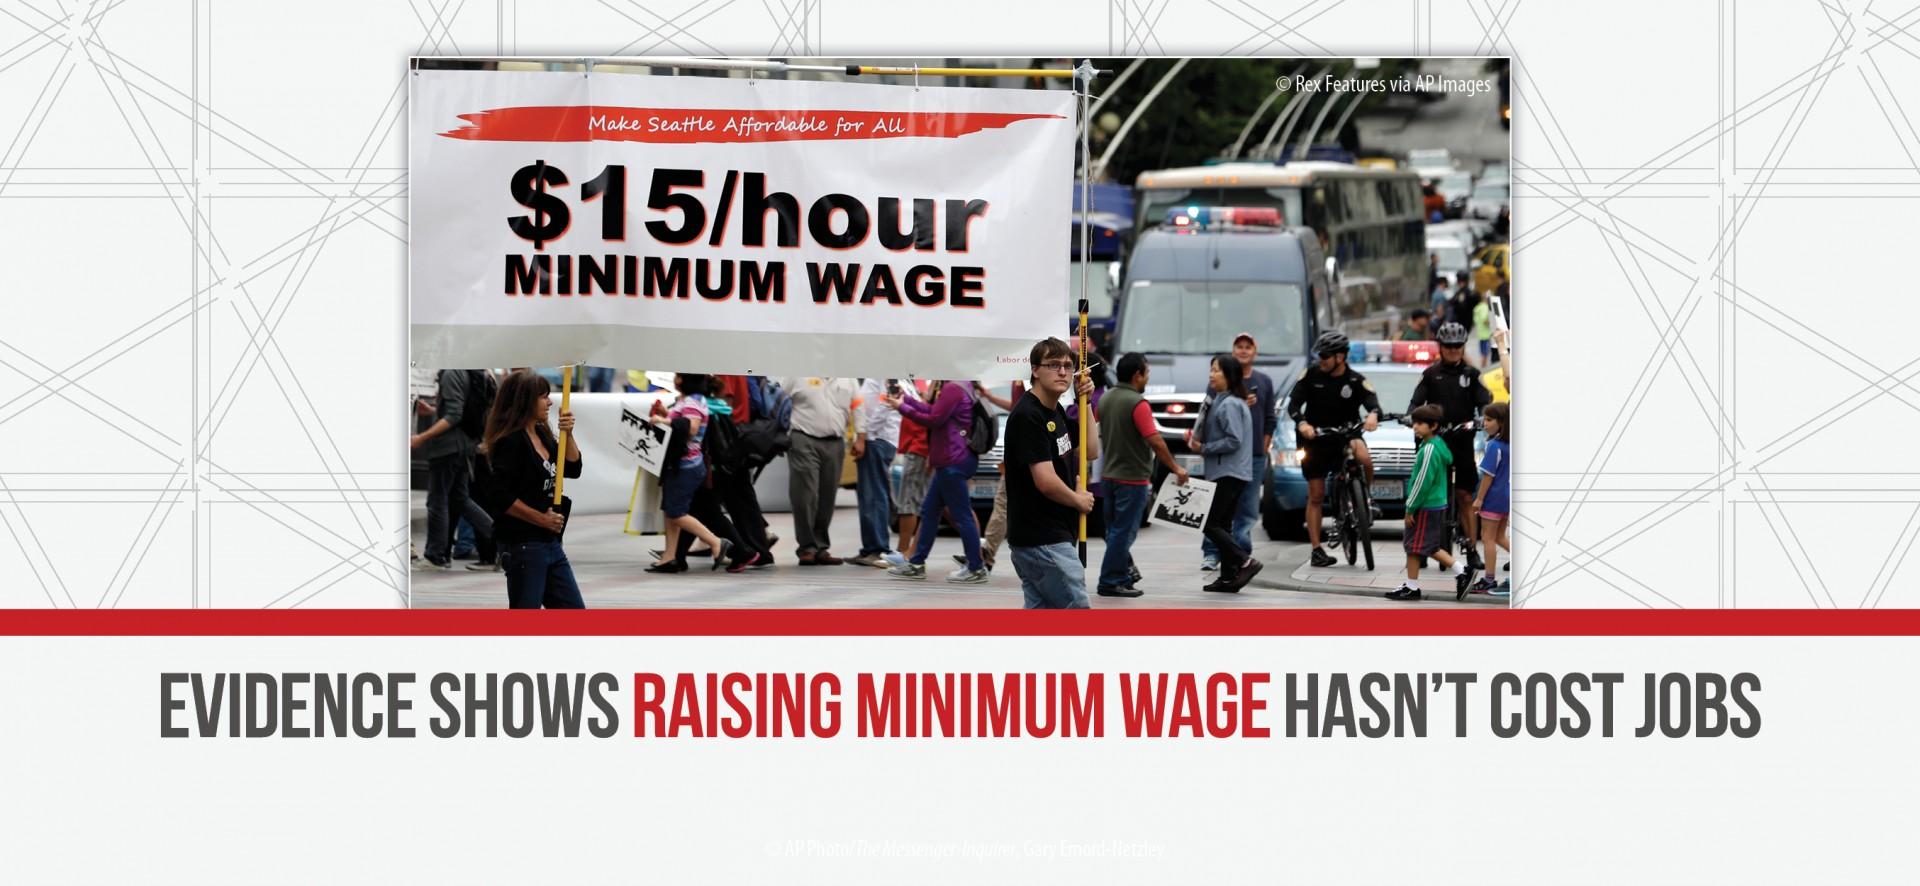 008 2014 Mar Apr Images5 Essay Example Minimum Impressive Wage Persuasive Topics Contest Outline 1920